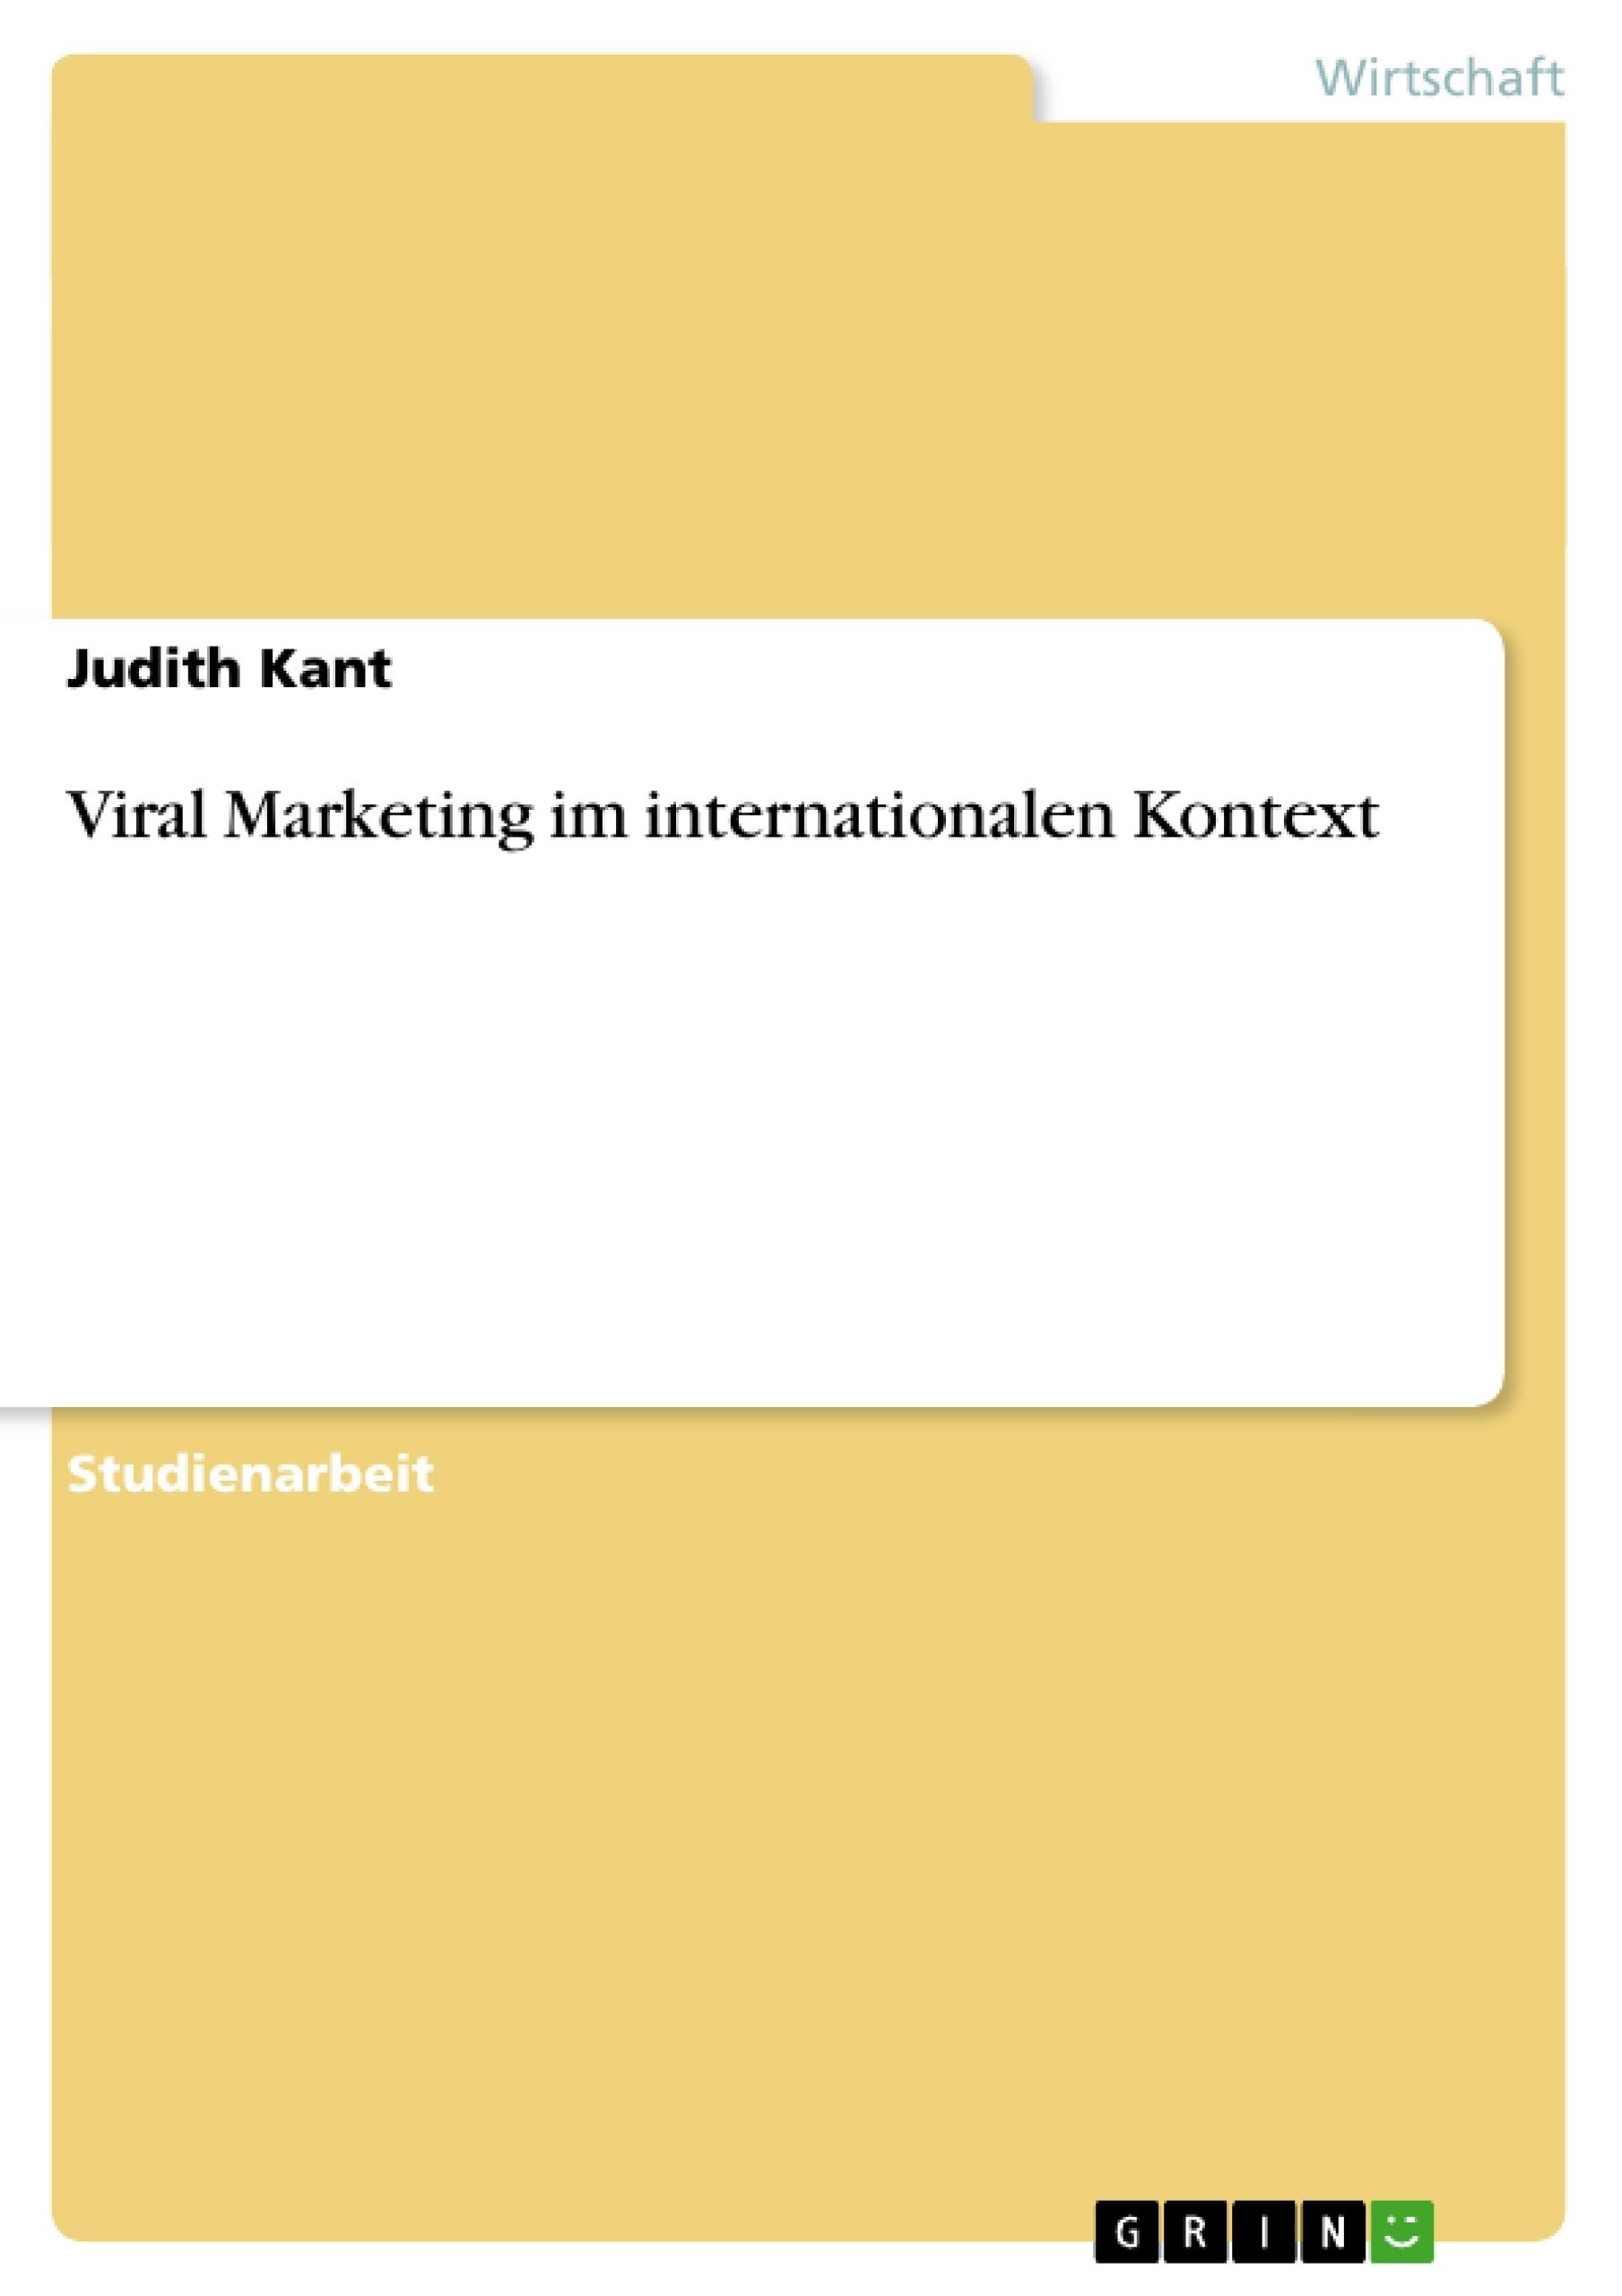 Titel: Viral Marketing im internationalen Kontext